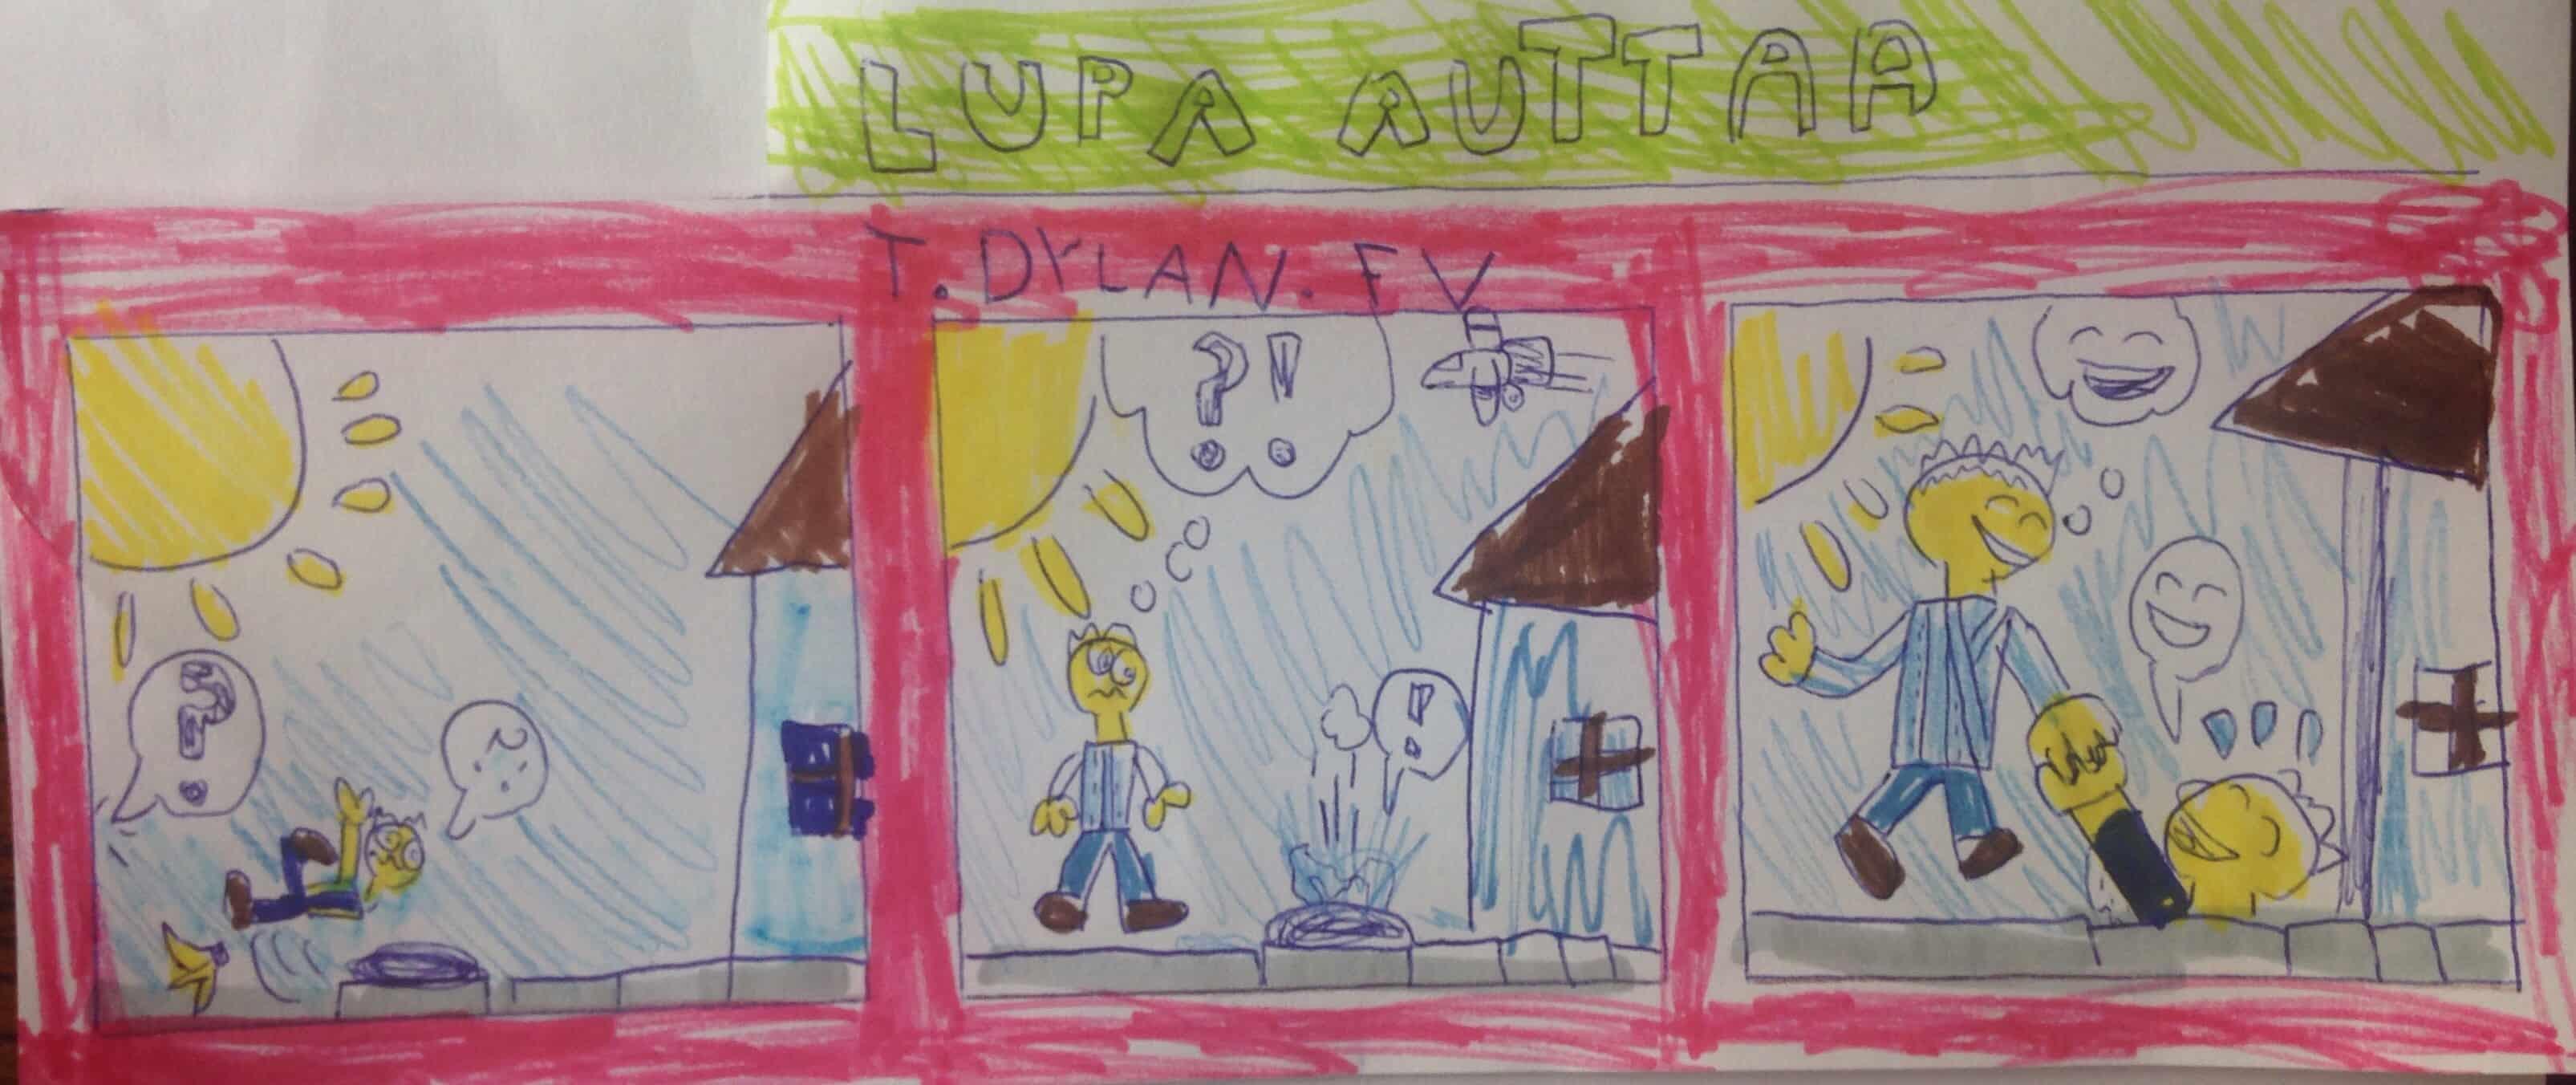 Nuoret sarjistaiturit piirsivät tarinoita auttamisesta